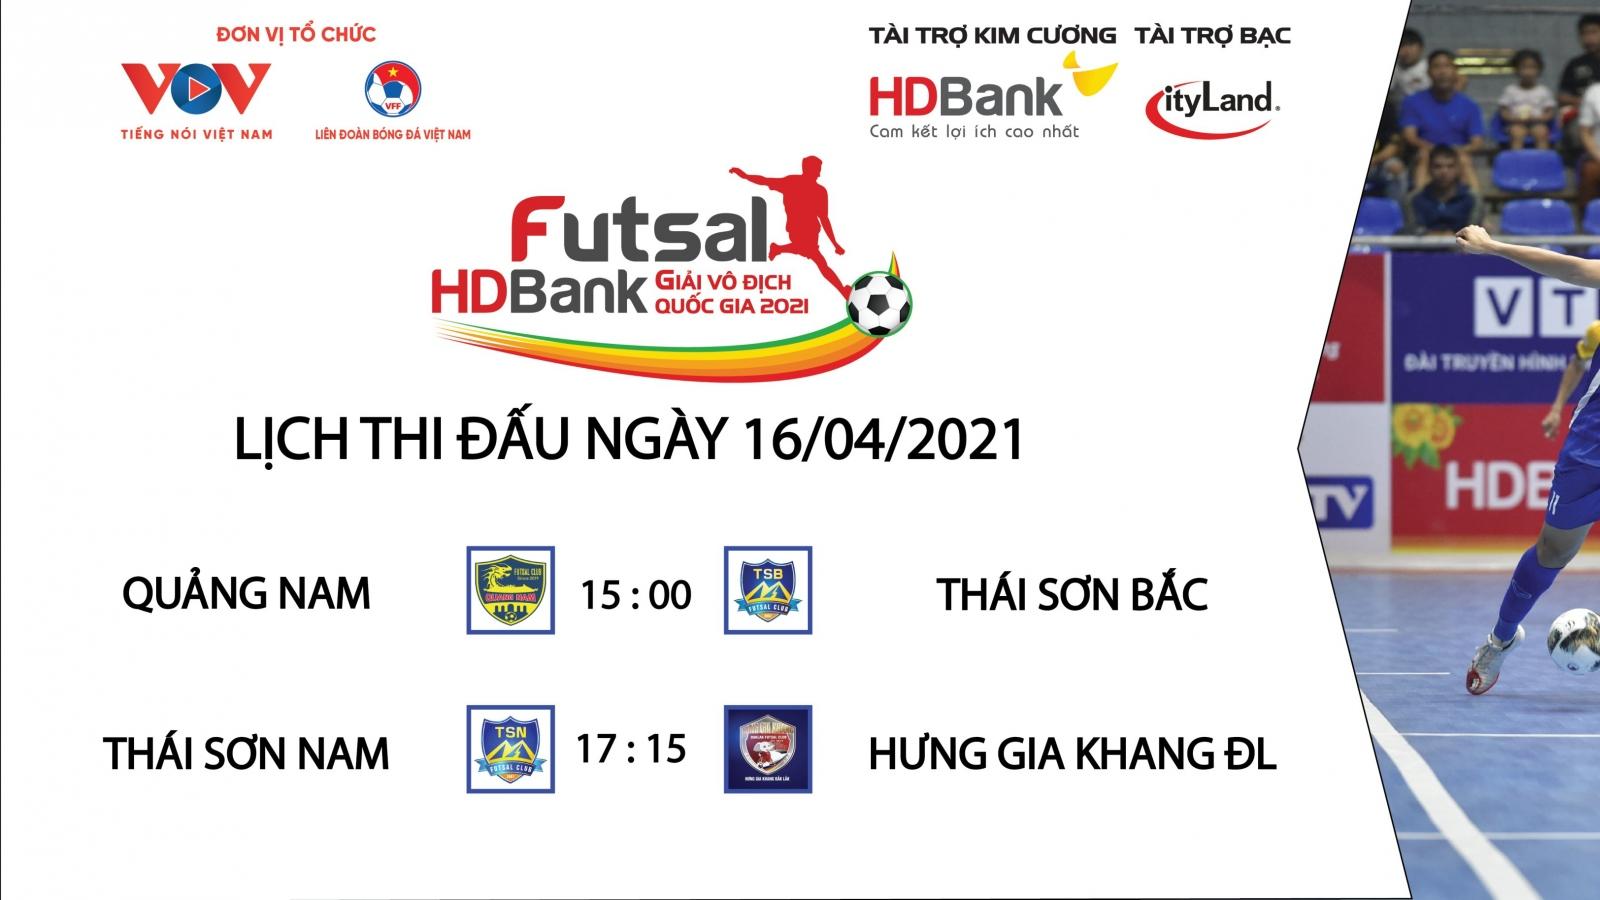 Lịch thi đấu Giải Futsal HDBank VĐQG 2021 hôm nay 16/4